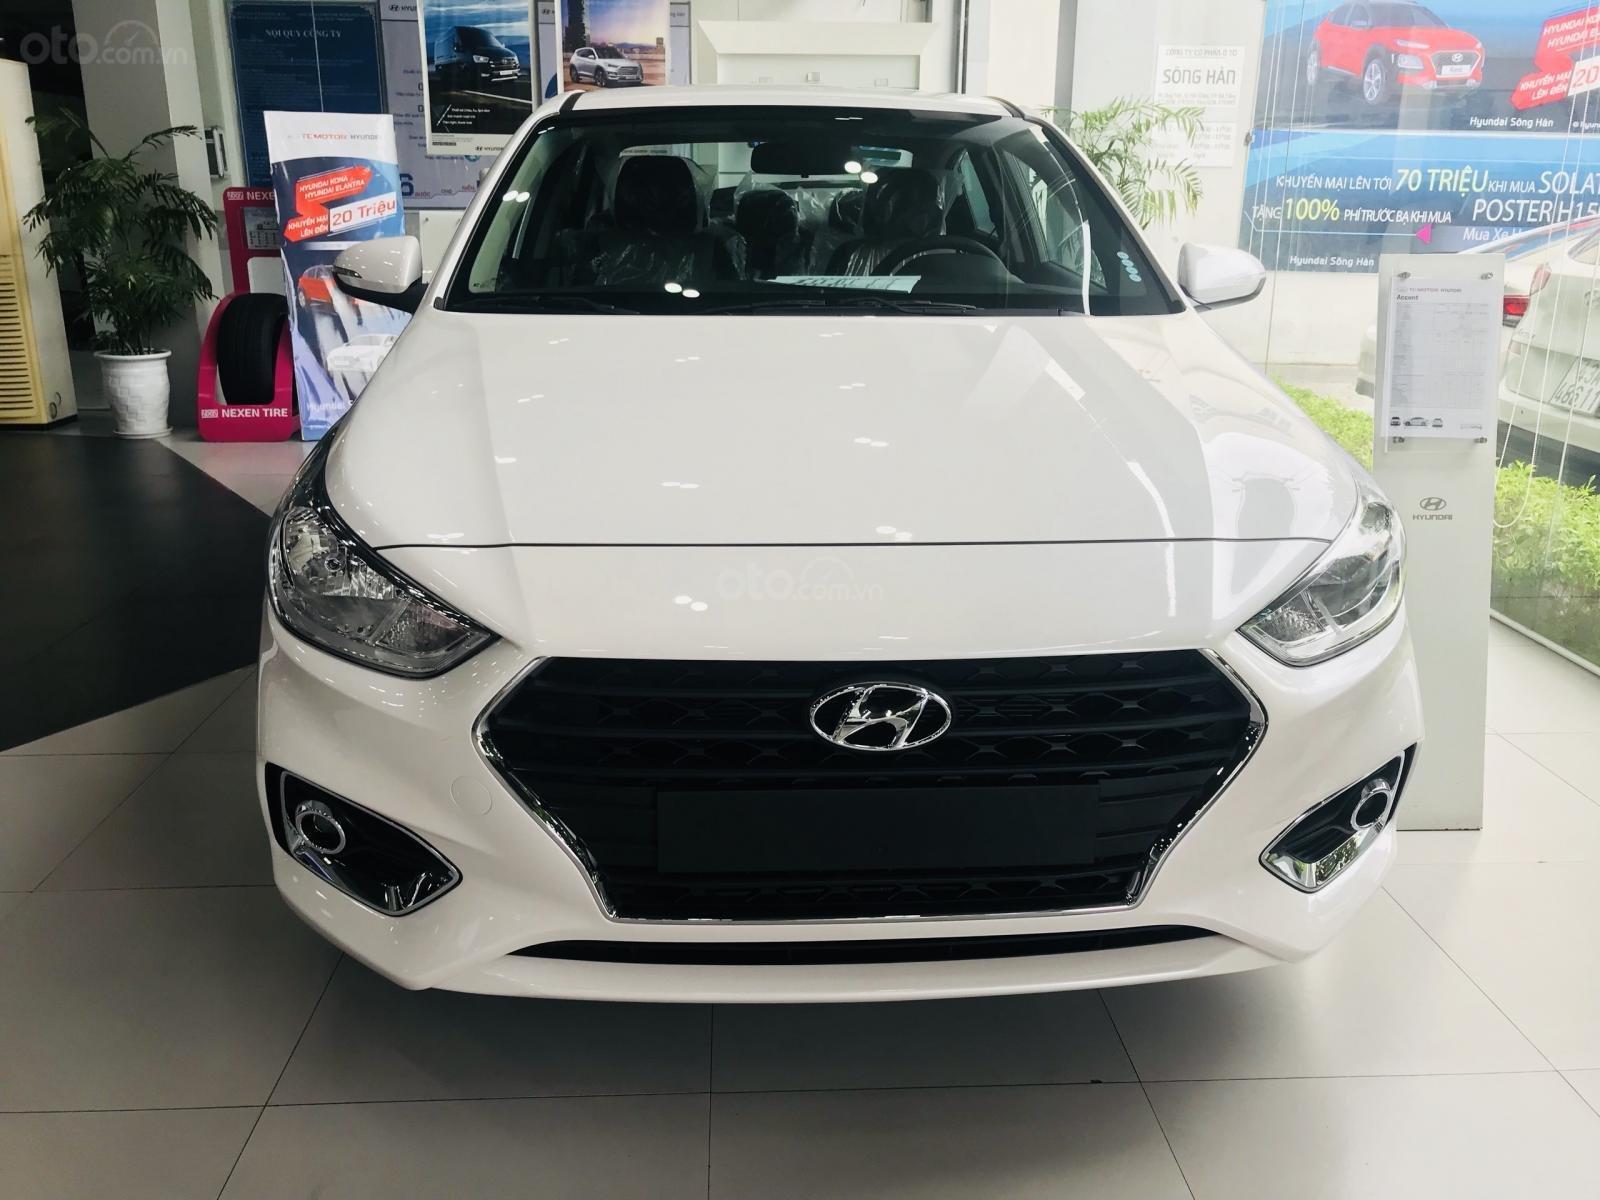 Khuyến mãi + giảm giá + giao xe ngay với Hyundai Accent 2019, hotline: 0974064604 (6)